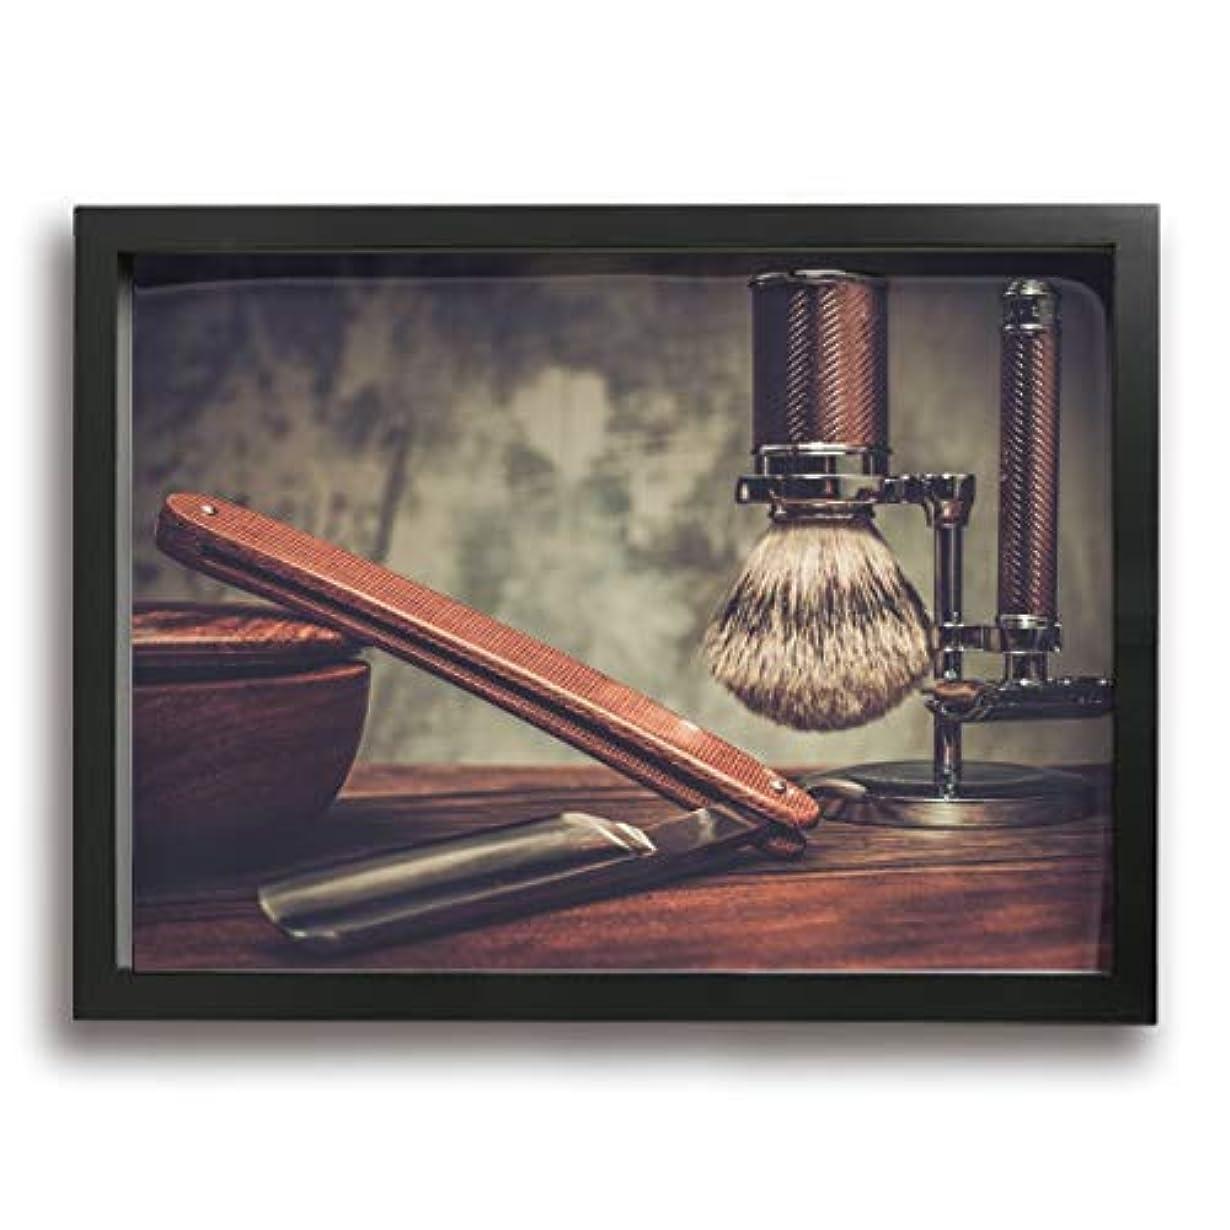 どうやら絶滅させる前任者魅力的な芸術 30x40cm Shaving Accessories On A Luxury Wooden Background キャンバスの壁アート 画像プリント絵画リビングルームの壁の装飾と家の装飾のための現代アートワークハング...